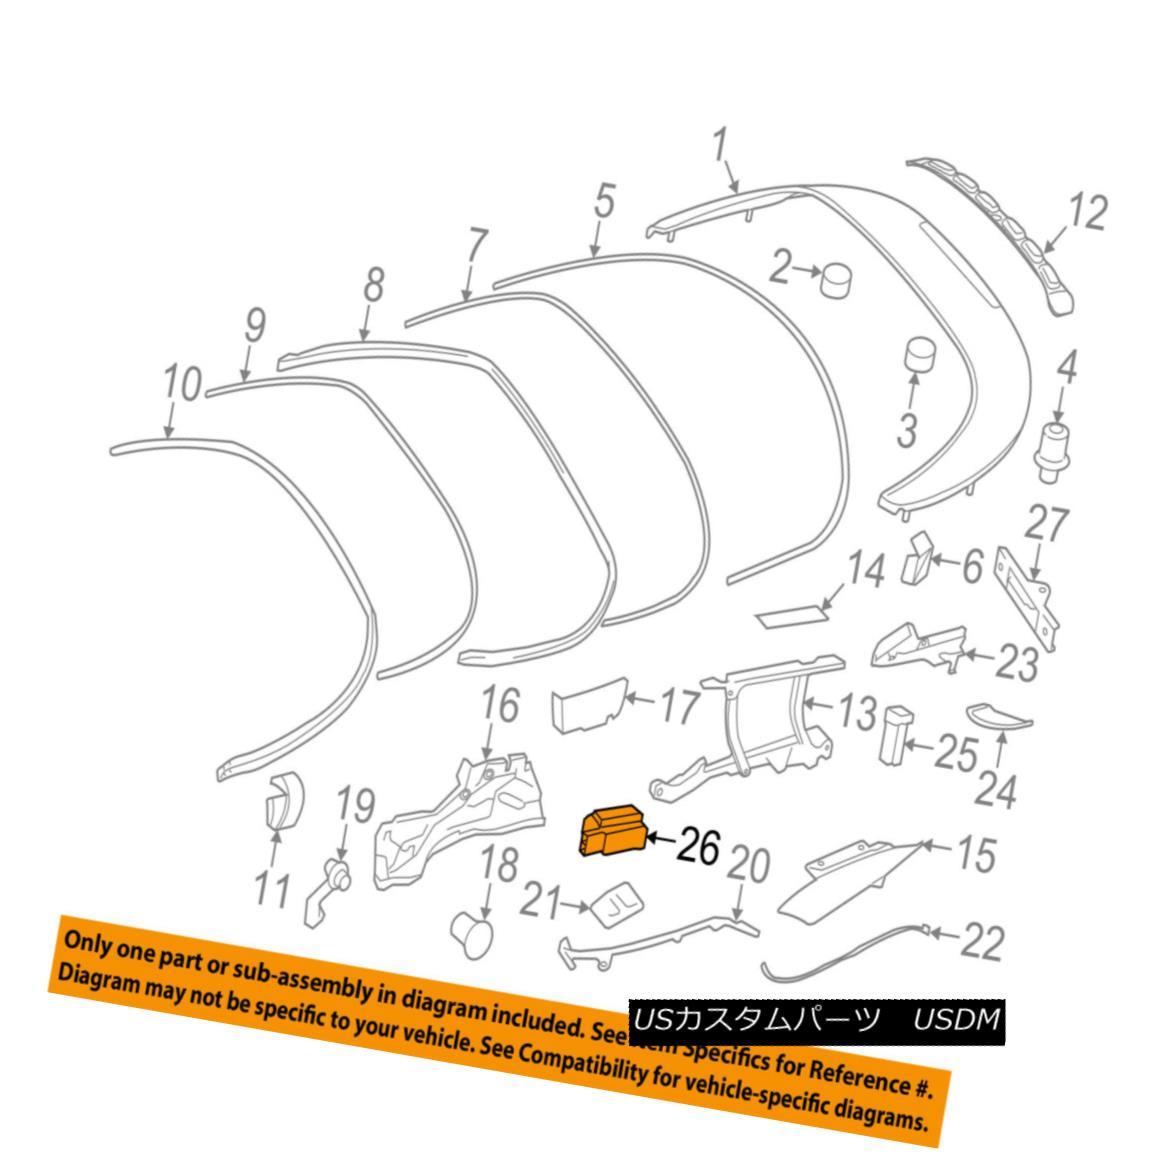 幌・ソフトトップ PORSCHE OEM 06-09 911 Convertible/soft Top-Stop Left 99656140100 PORSCHE OEM 06-09 911コンバーチブル/ so ftトップストップ左99656140100